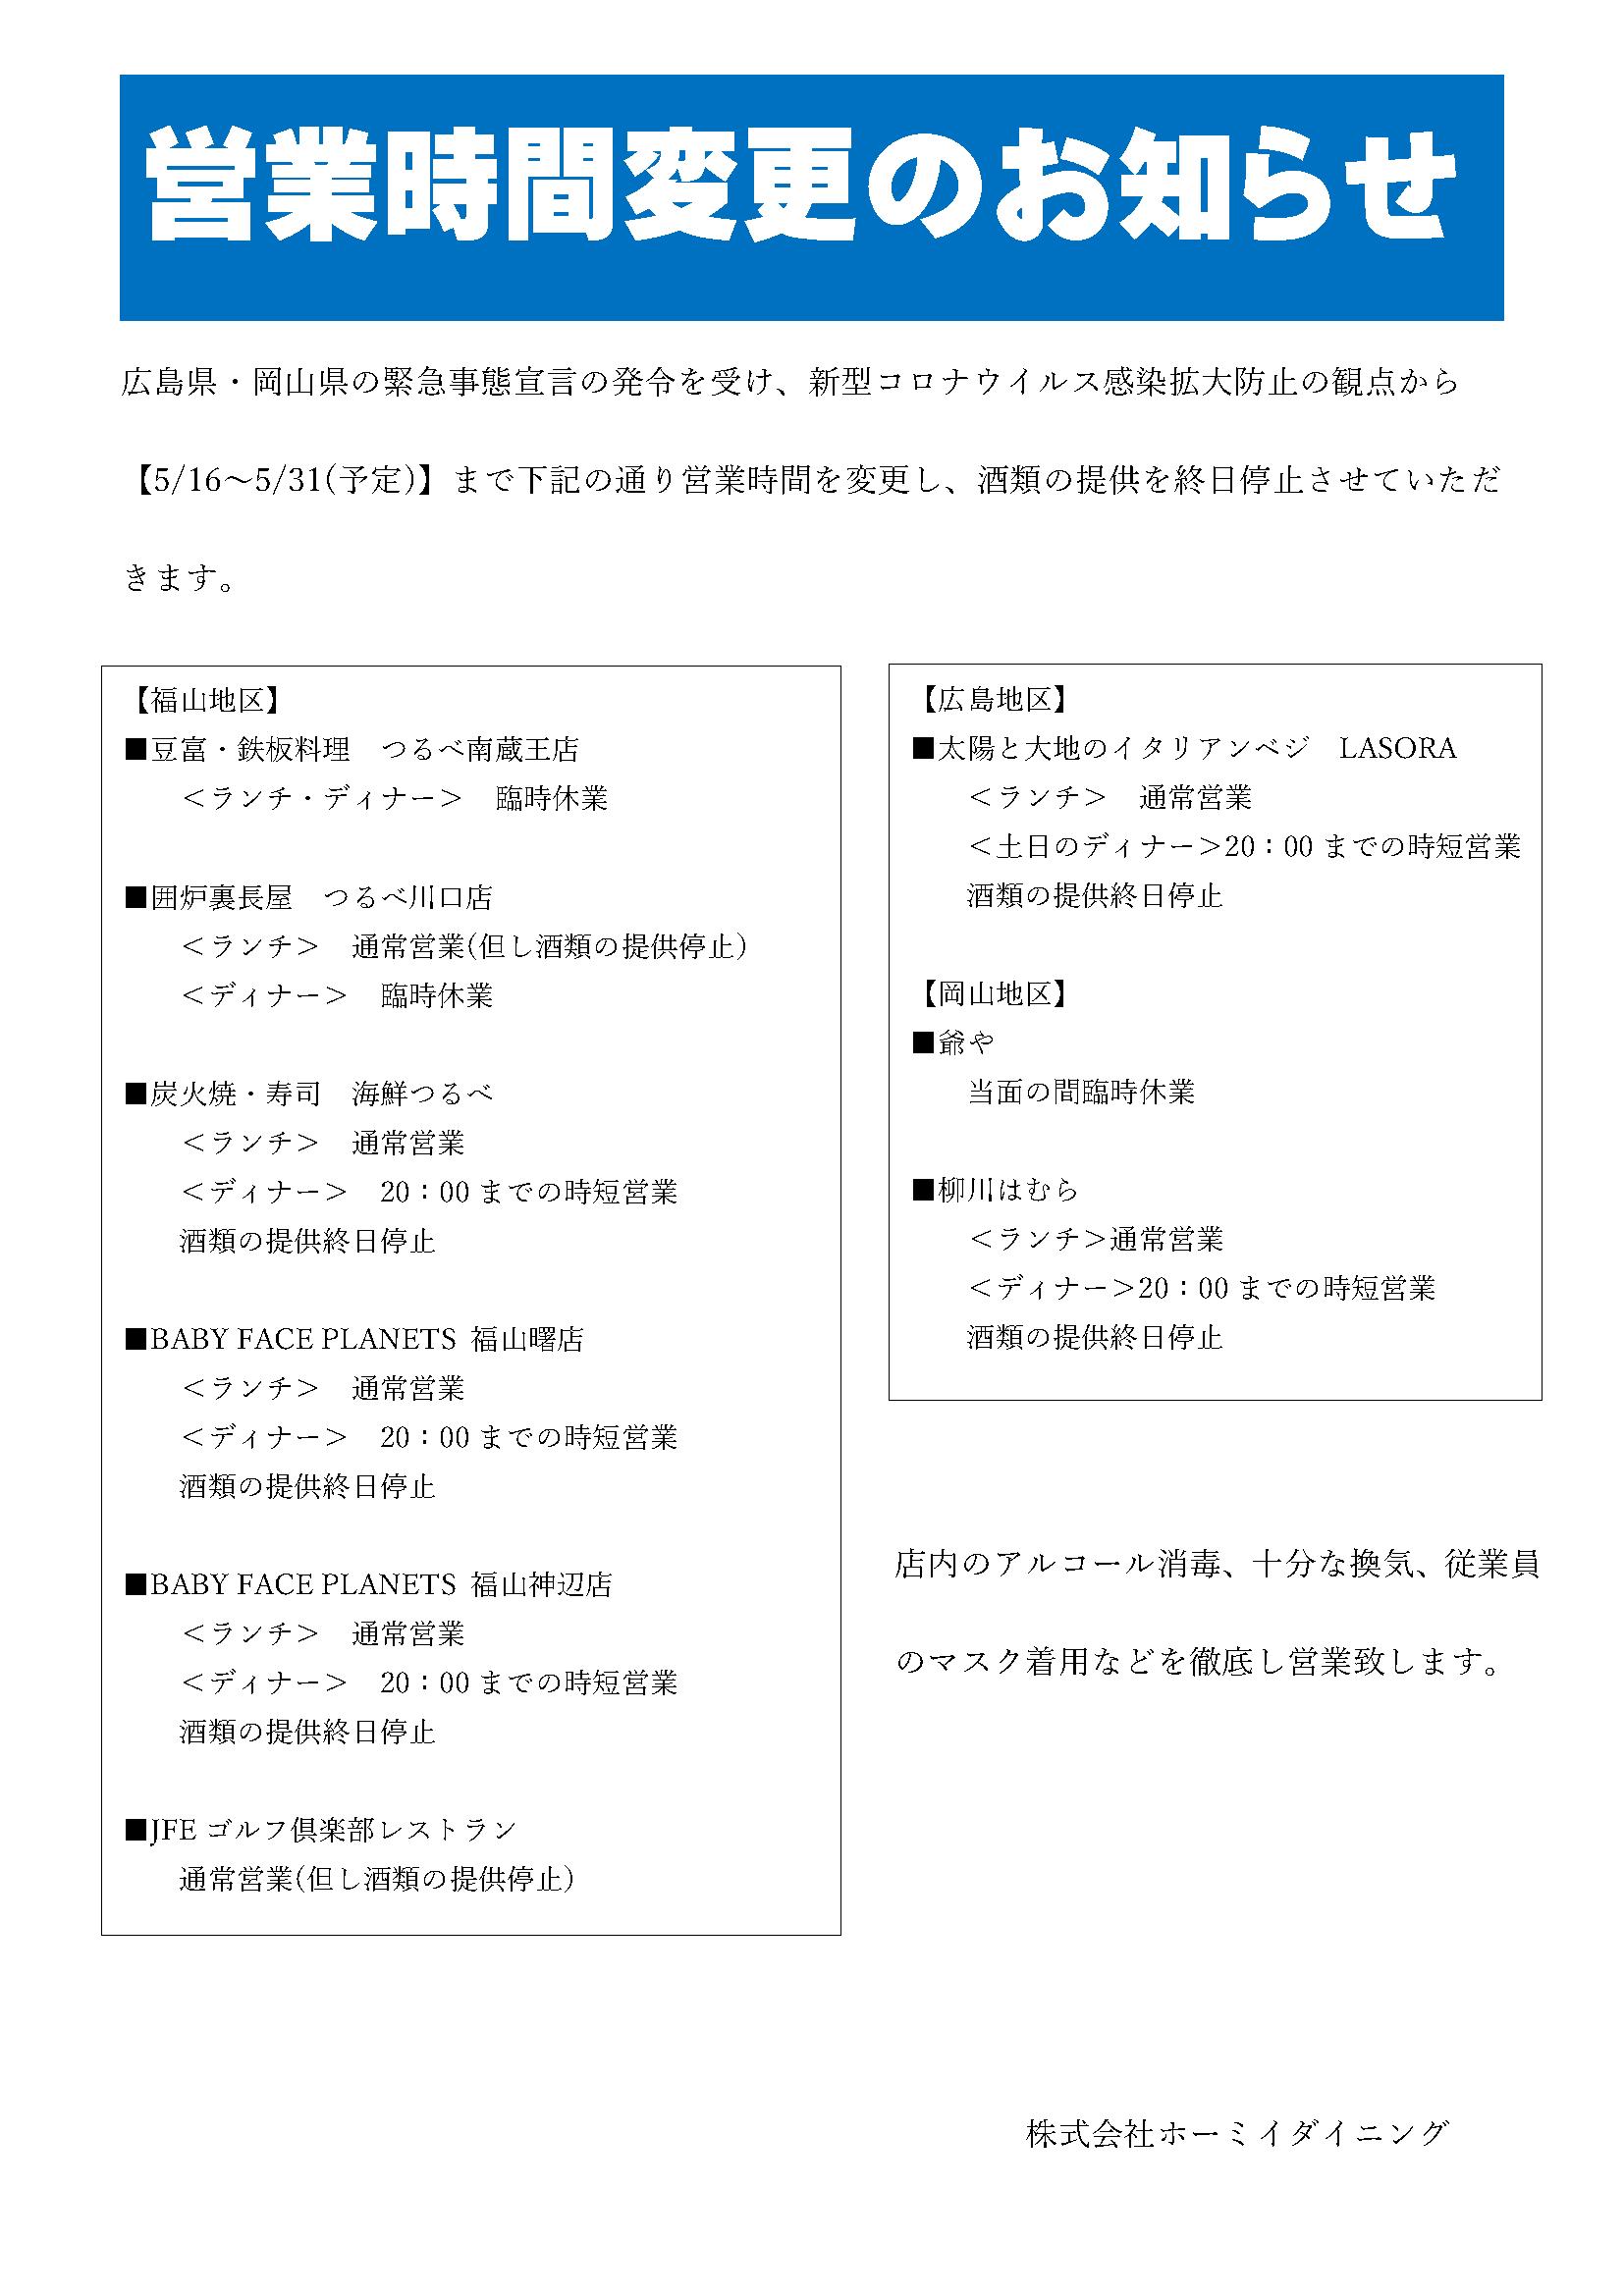 HP用時短お知らせ(再).png